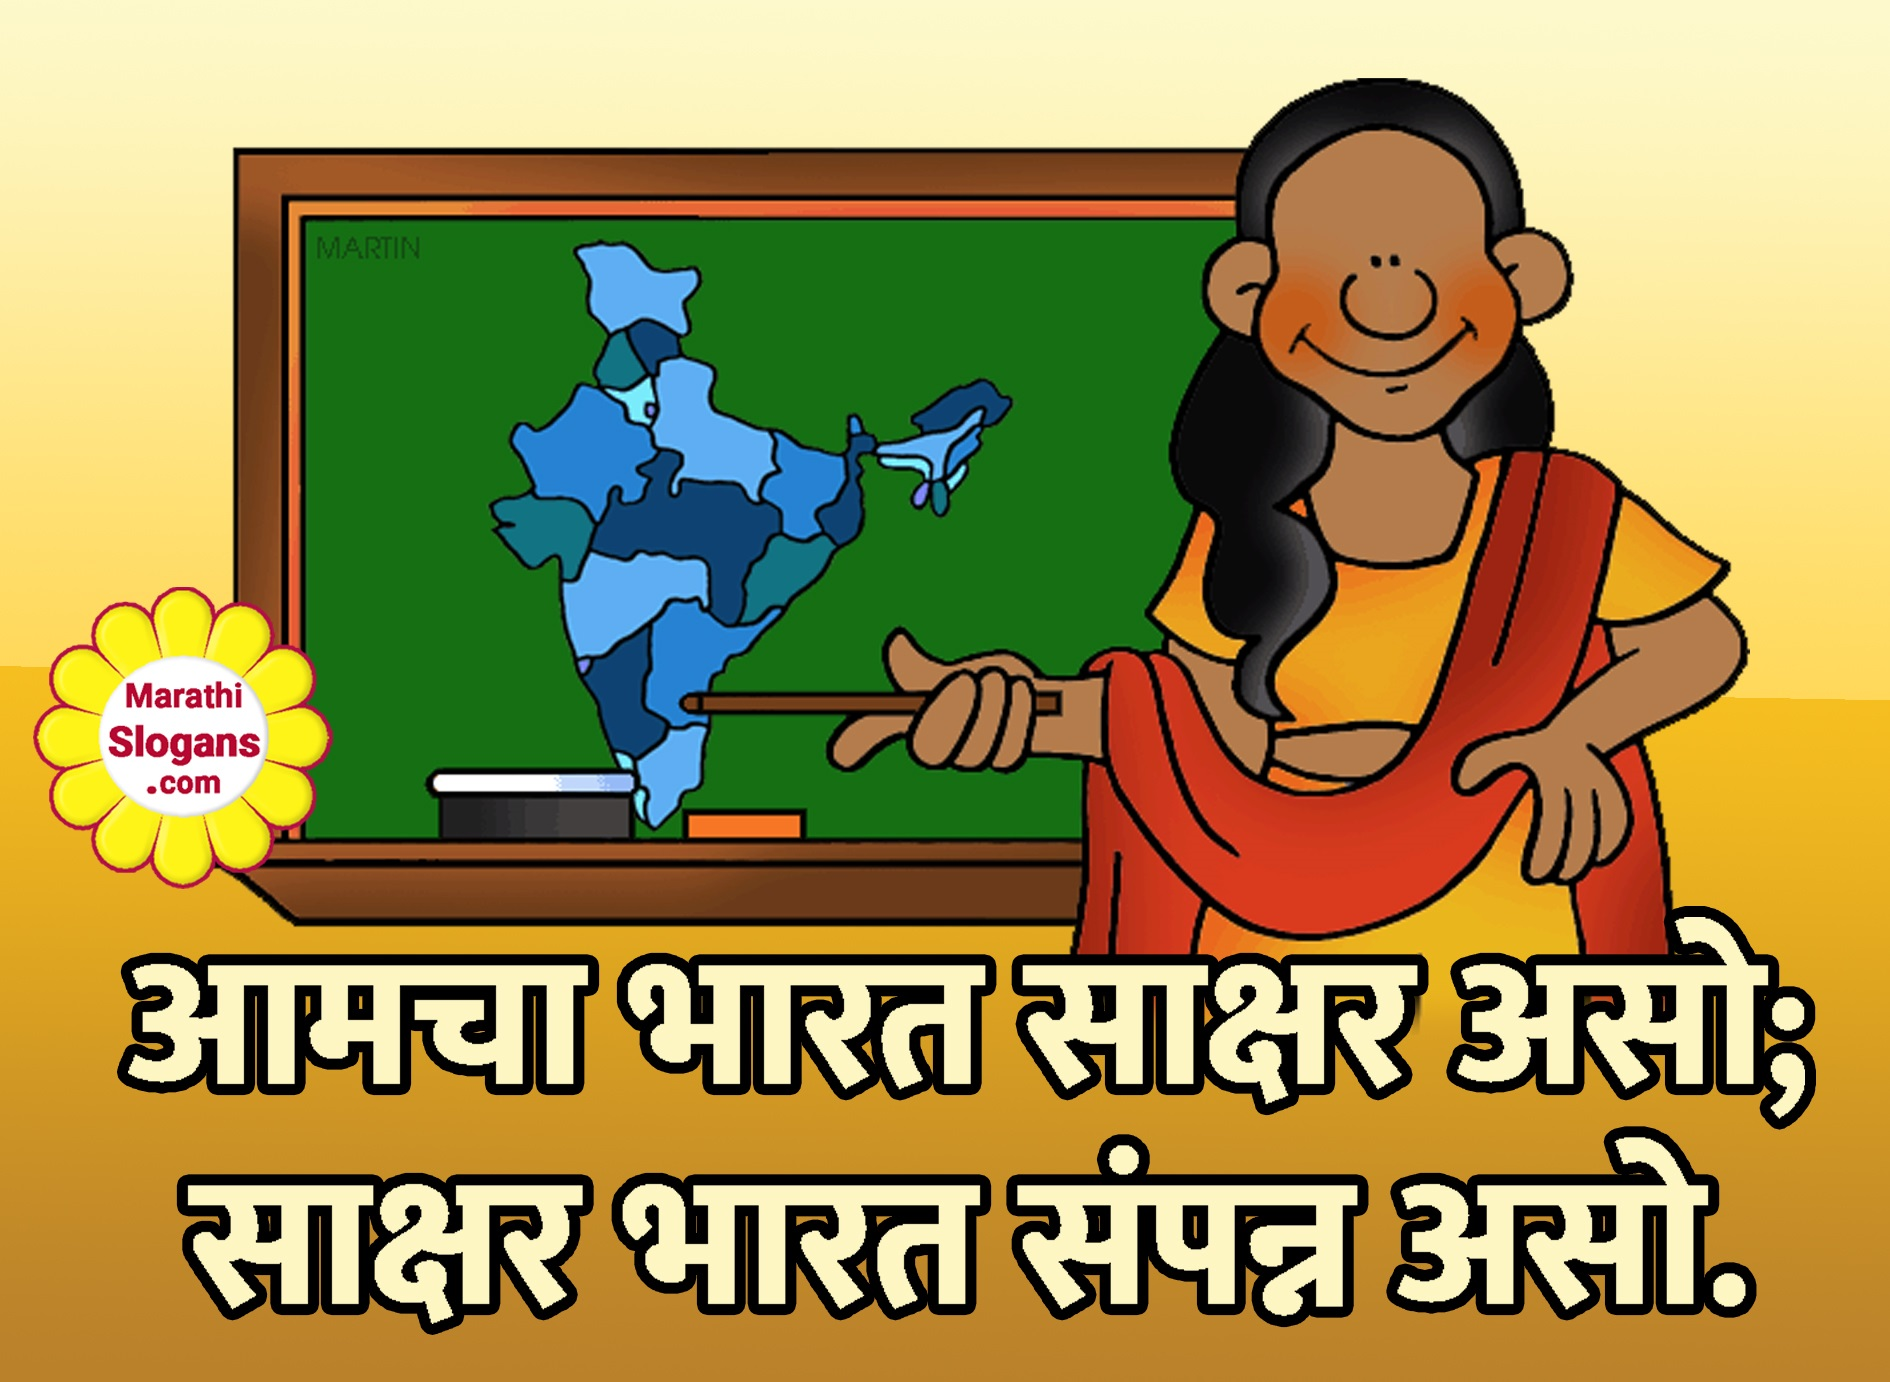 Marathi Slogans – Slogans on various topics in Marathi